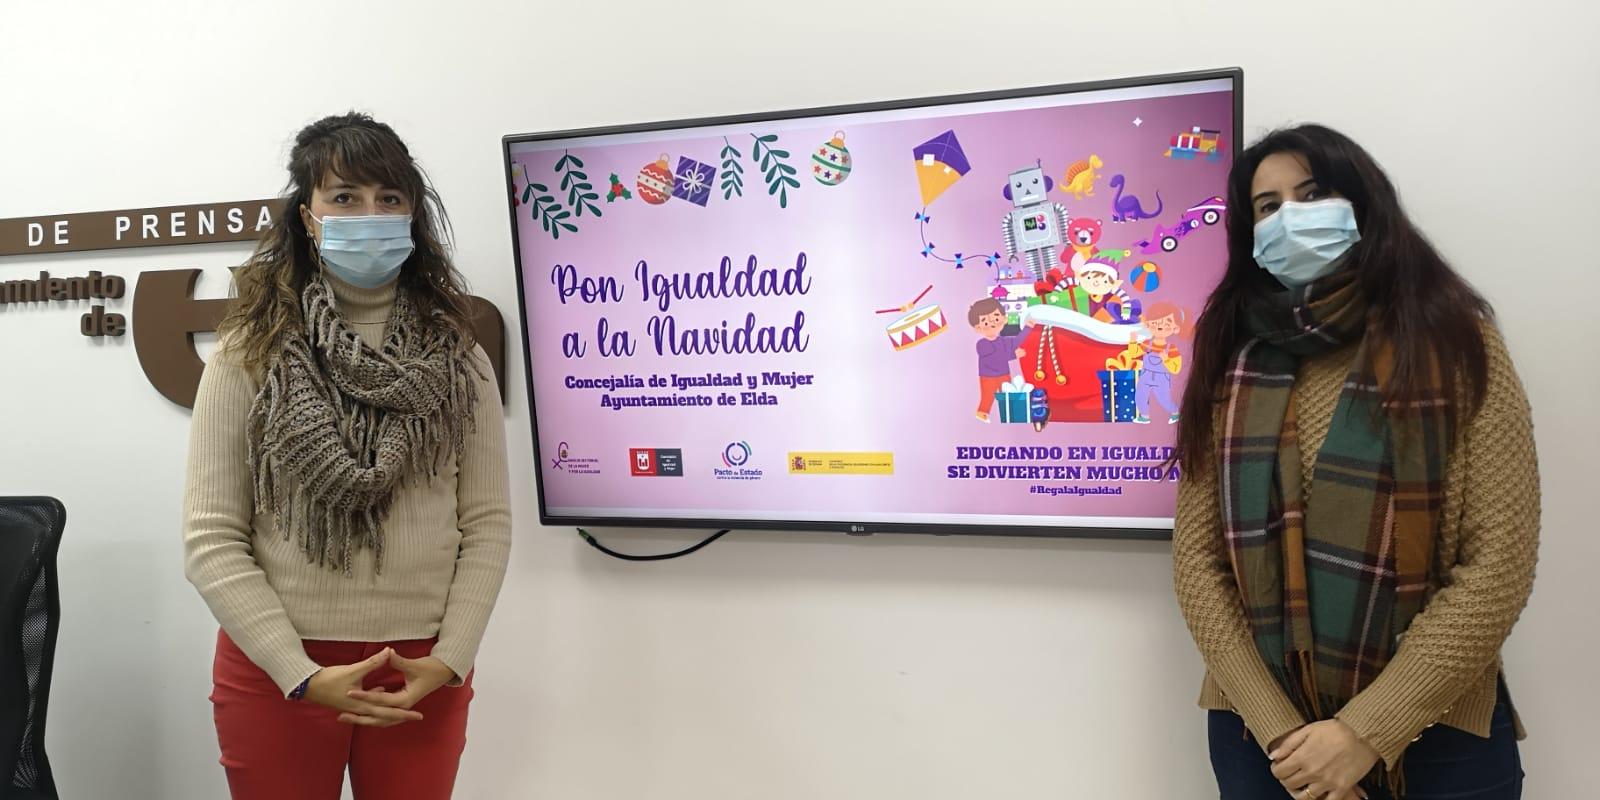 Igualdad crea una campaña para que las familias ayuden a sus hijos e hijas a elegir juguetes que no fomenten la discriminación